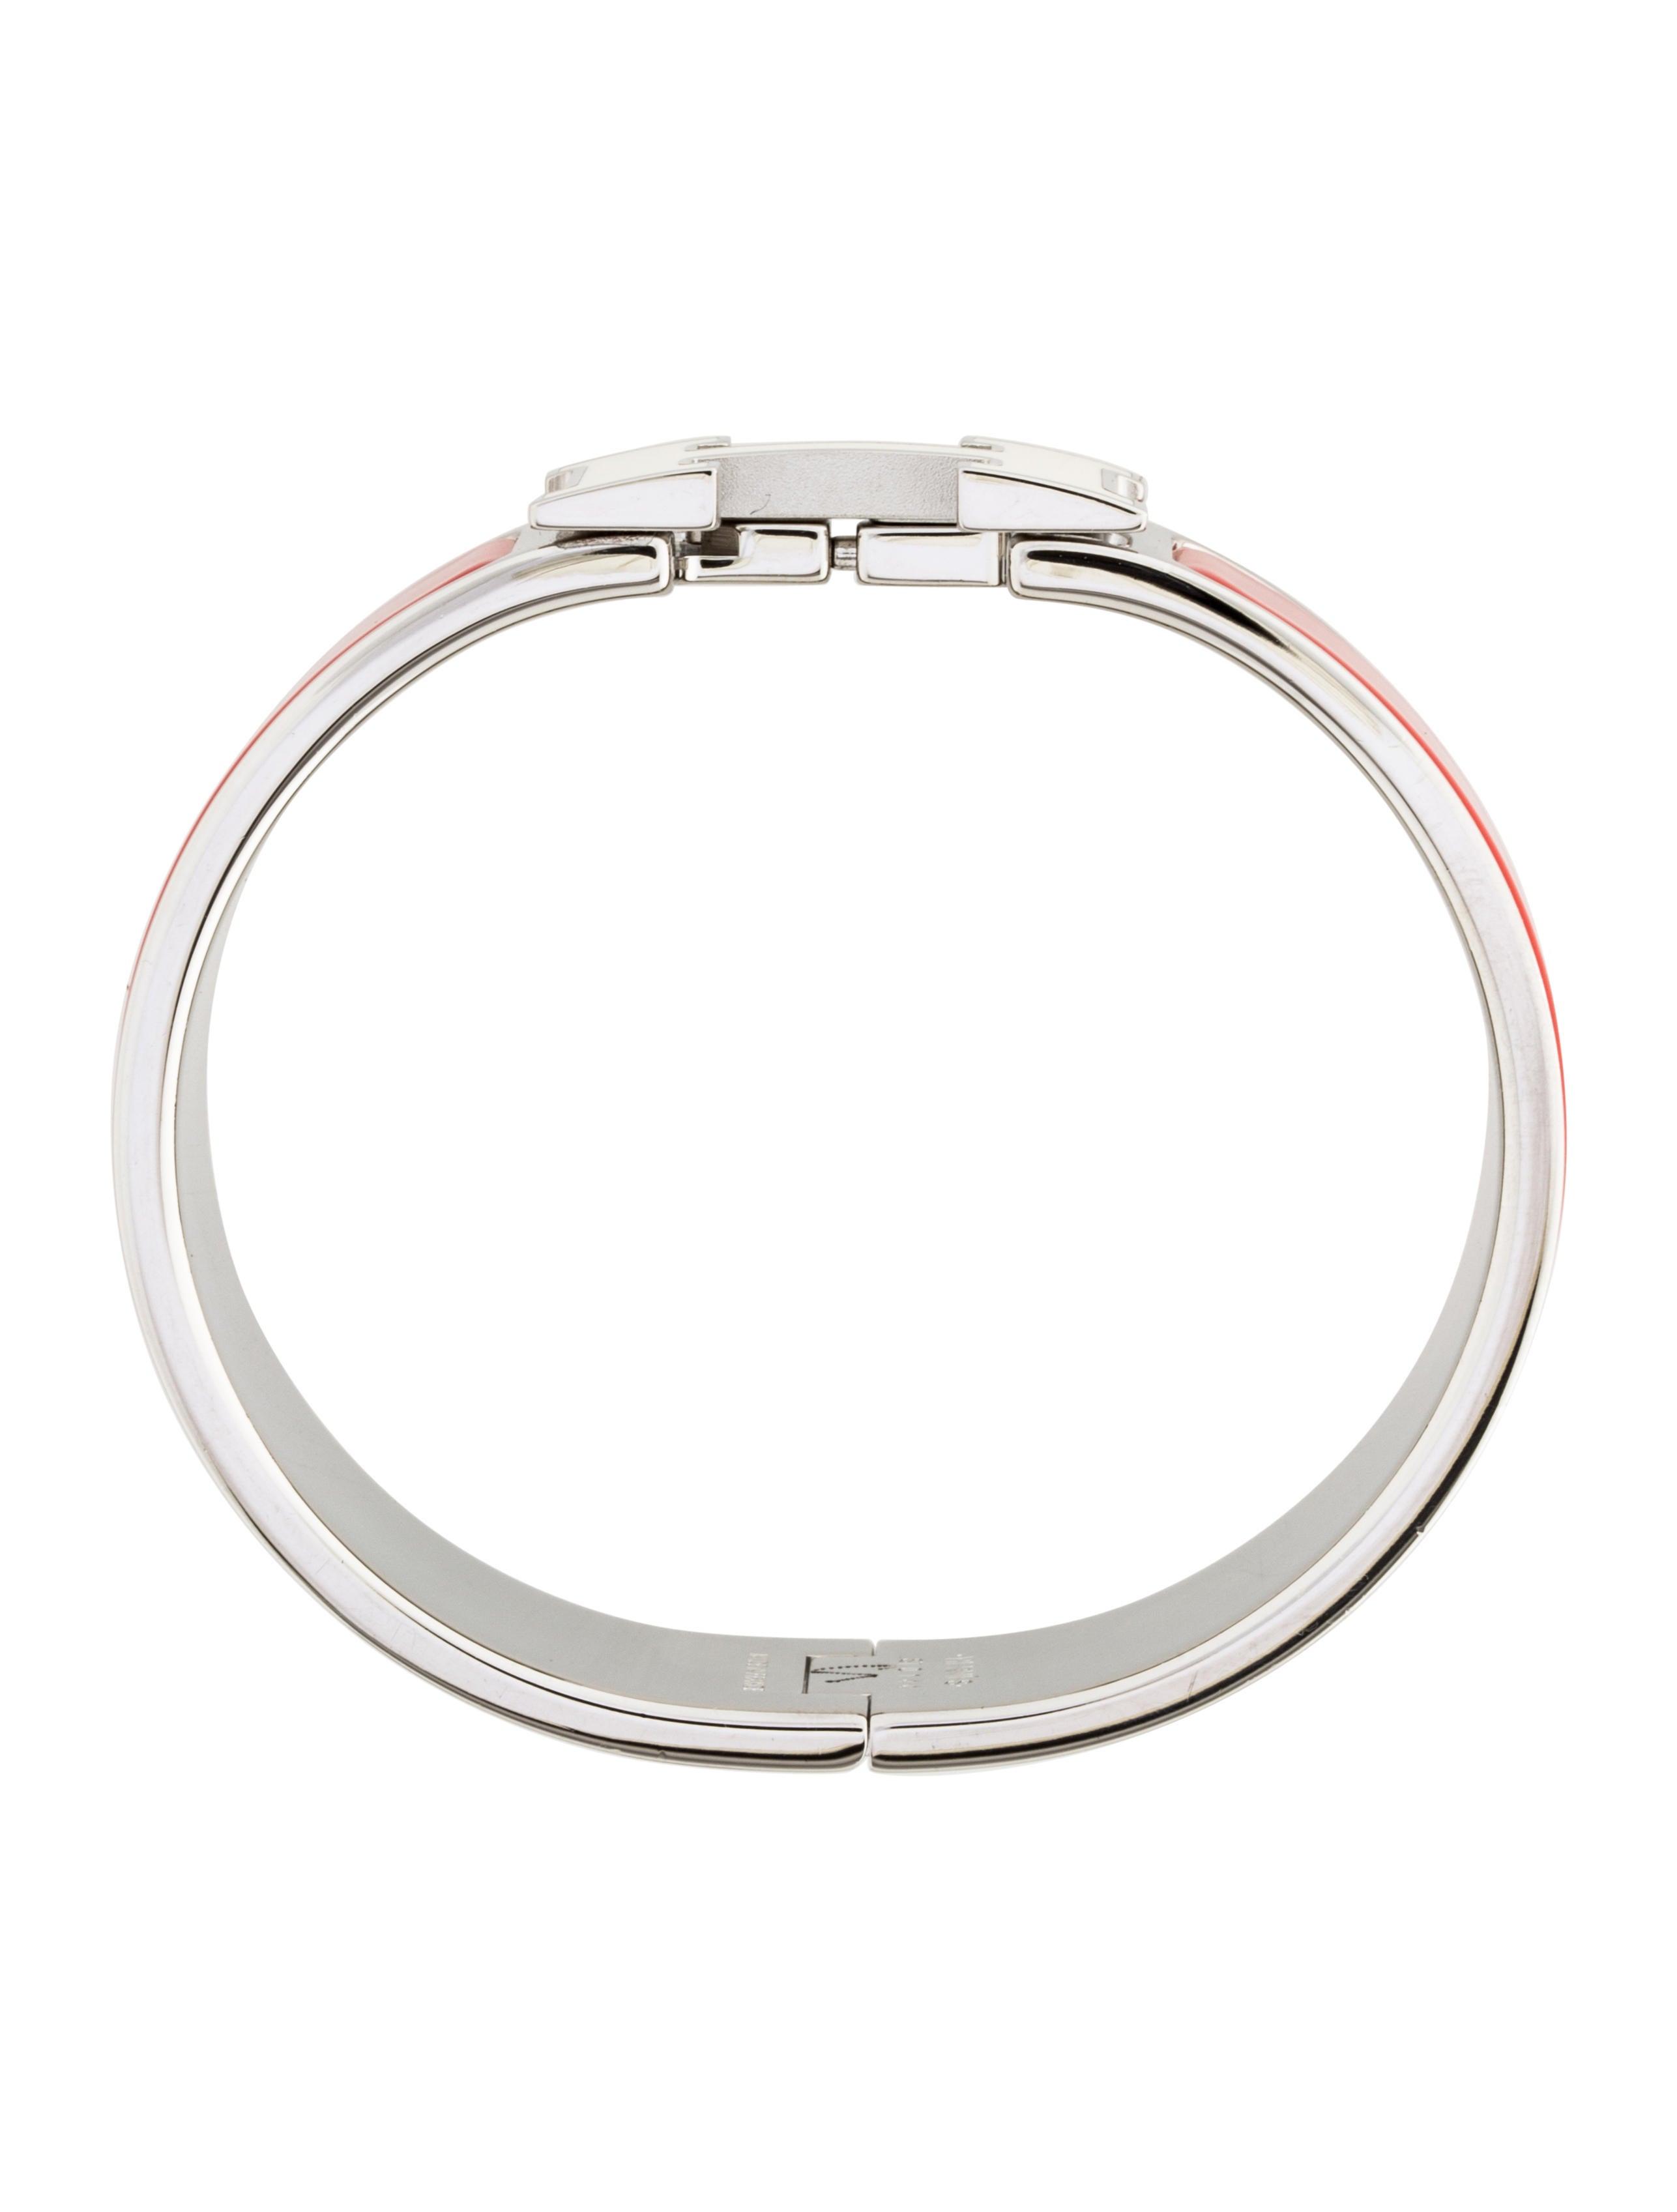 herm s wide clic clac h bracelet bracelets her106116. Black Bedroom Furniture Sets. Home Design Ideas